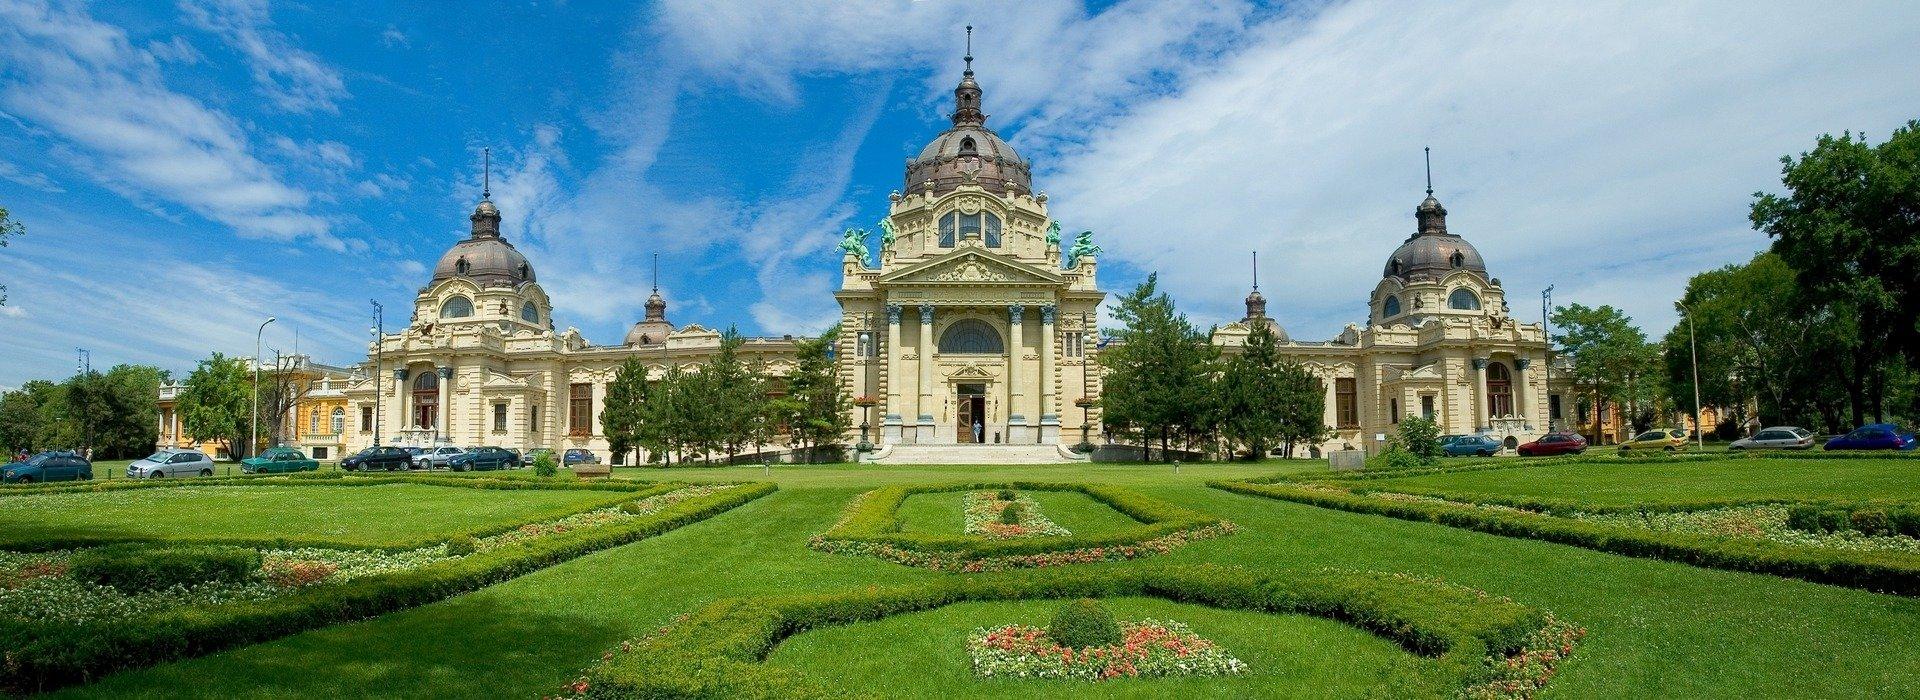 Budapest City Park  – Budapest Varosliget